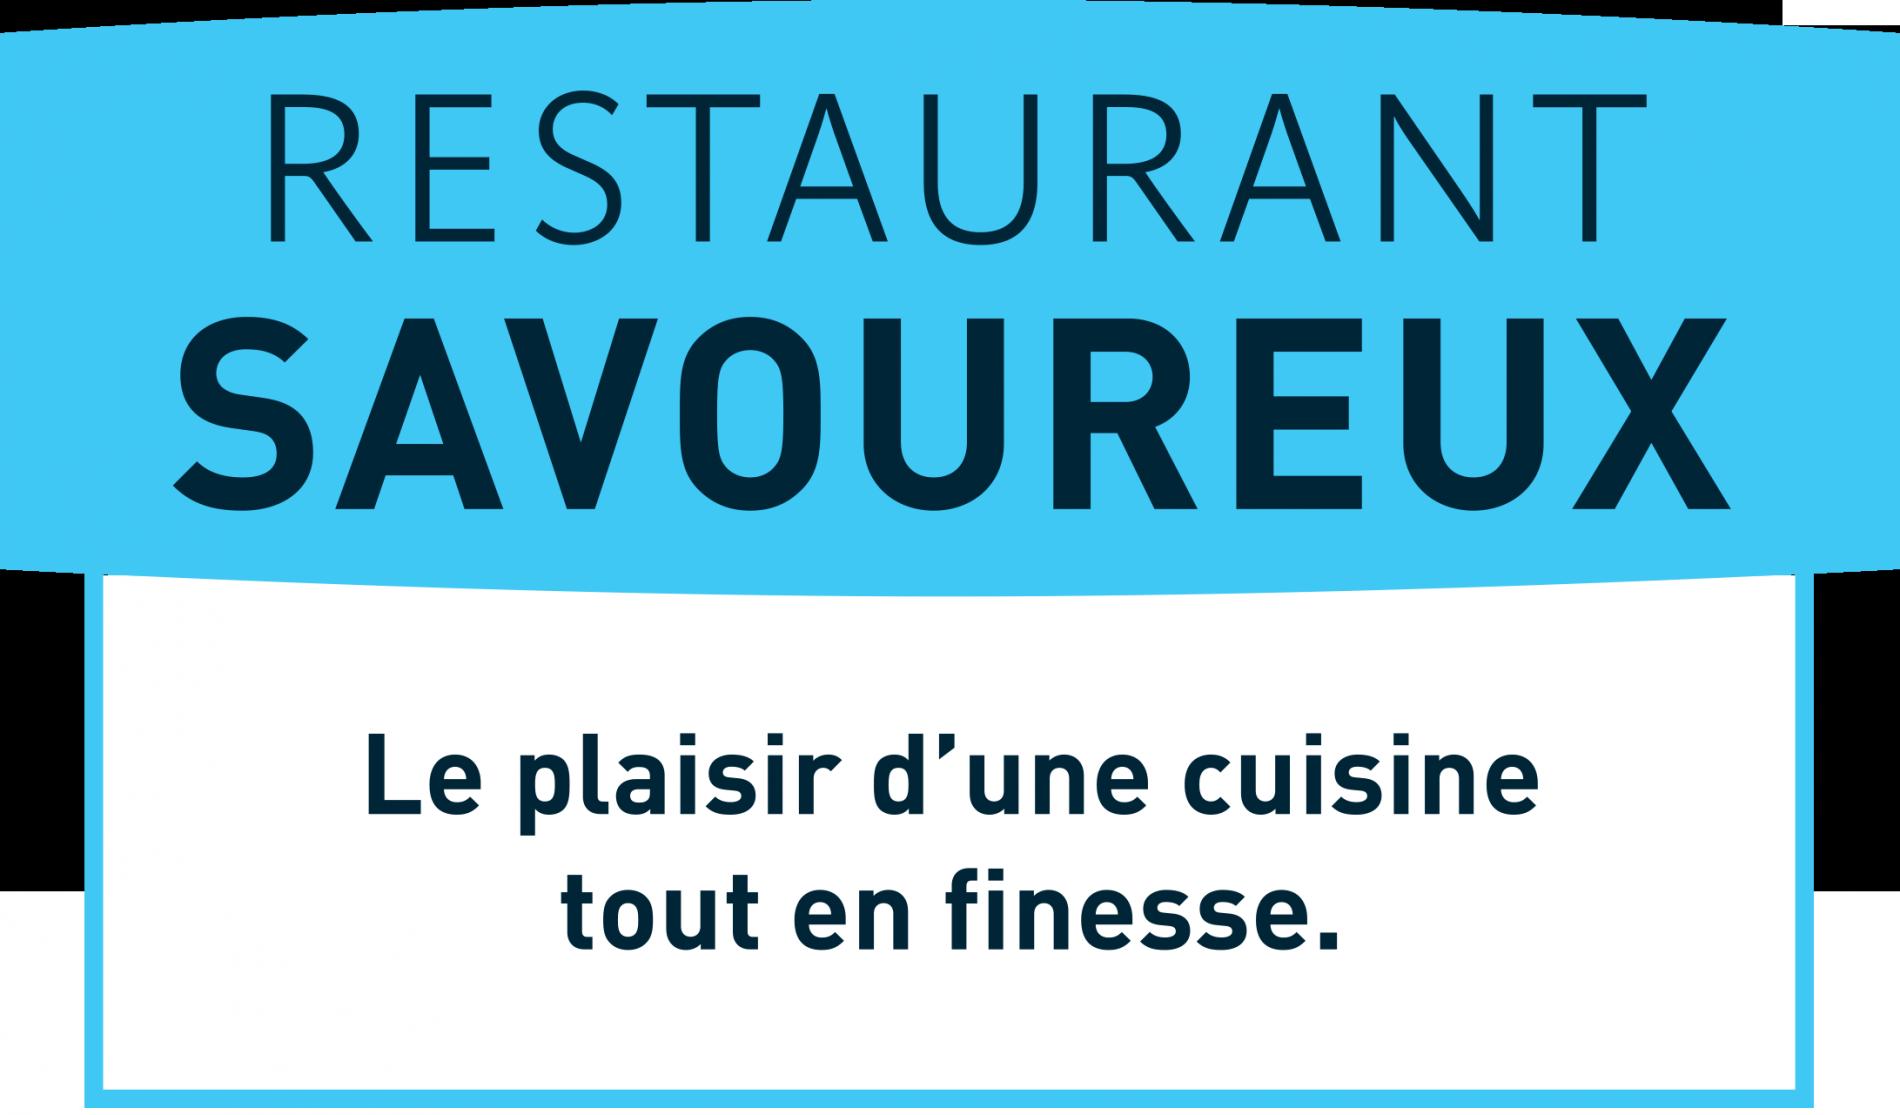 Logis restaurant savoureux - Relais du Gué de Selle à Mézanger, Pays de la Loire